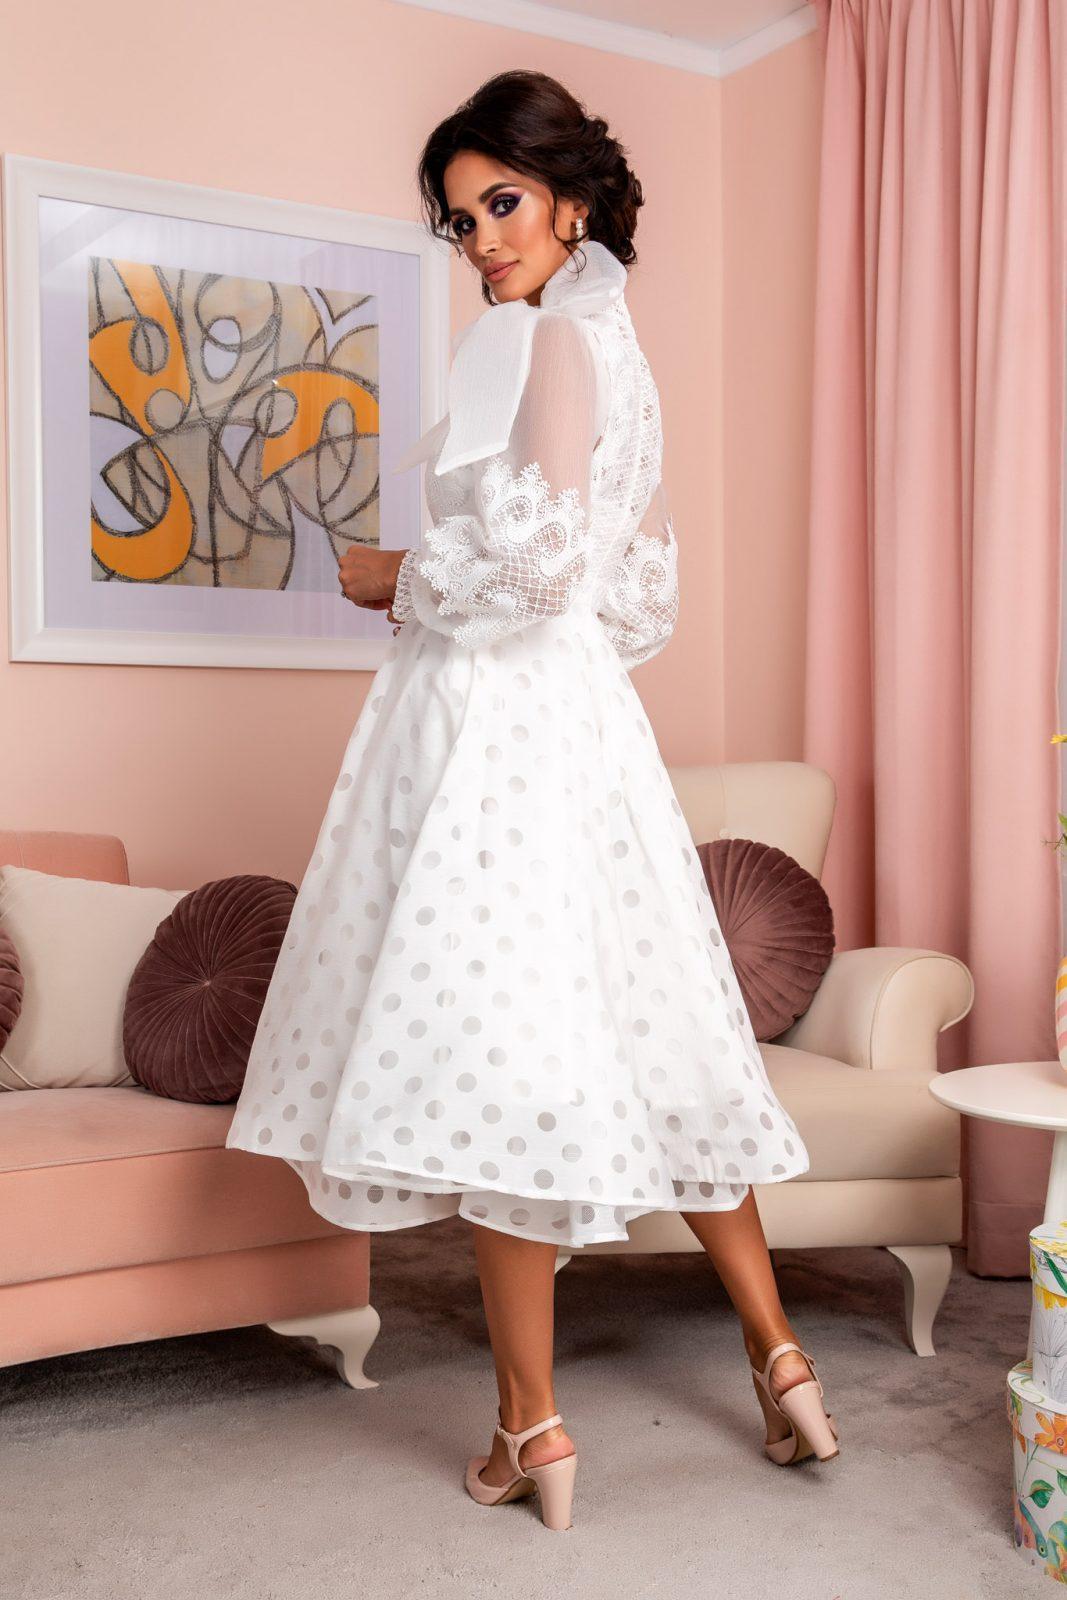 Λευκό Βραδινό Φόρεμα Με Δαντέλα Radiant 8201 1